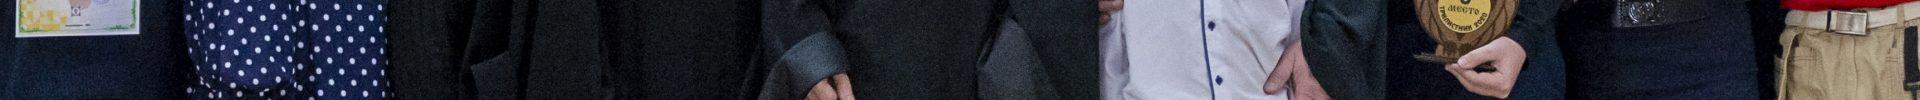 В поселке Новосиньково Рогачевского благочиния прошла детско-юношеская интеллектуальная игра «Трилистник-2020», посвященная 75-летию Великой Победы